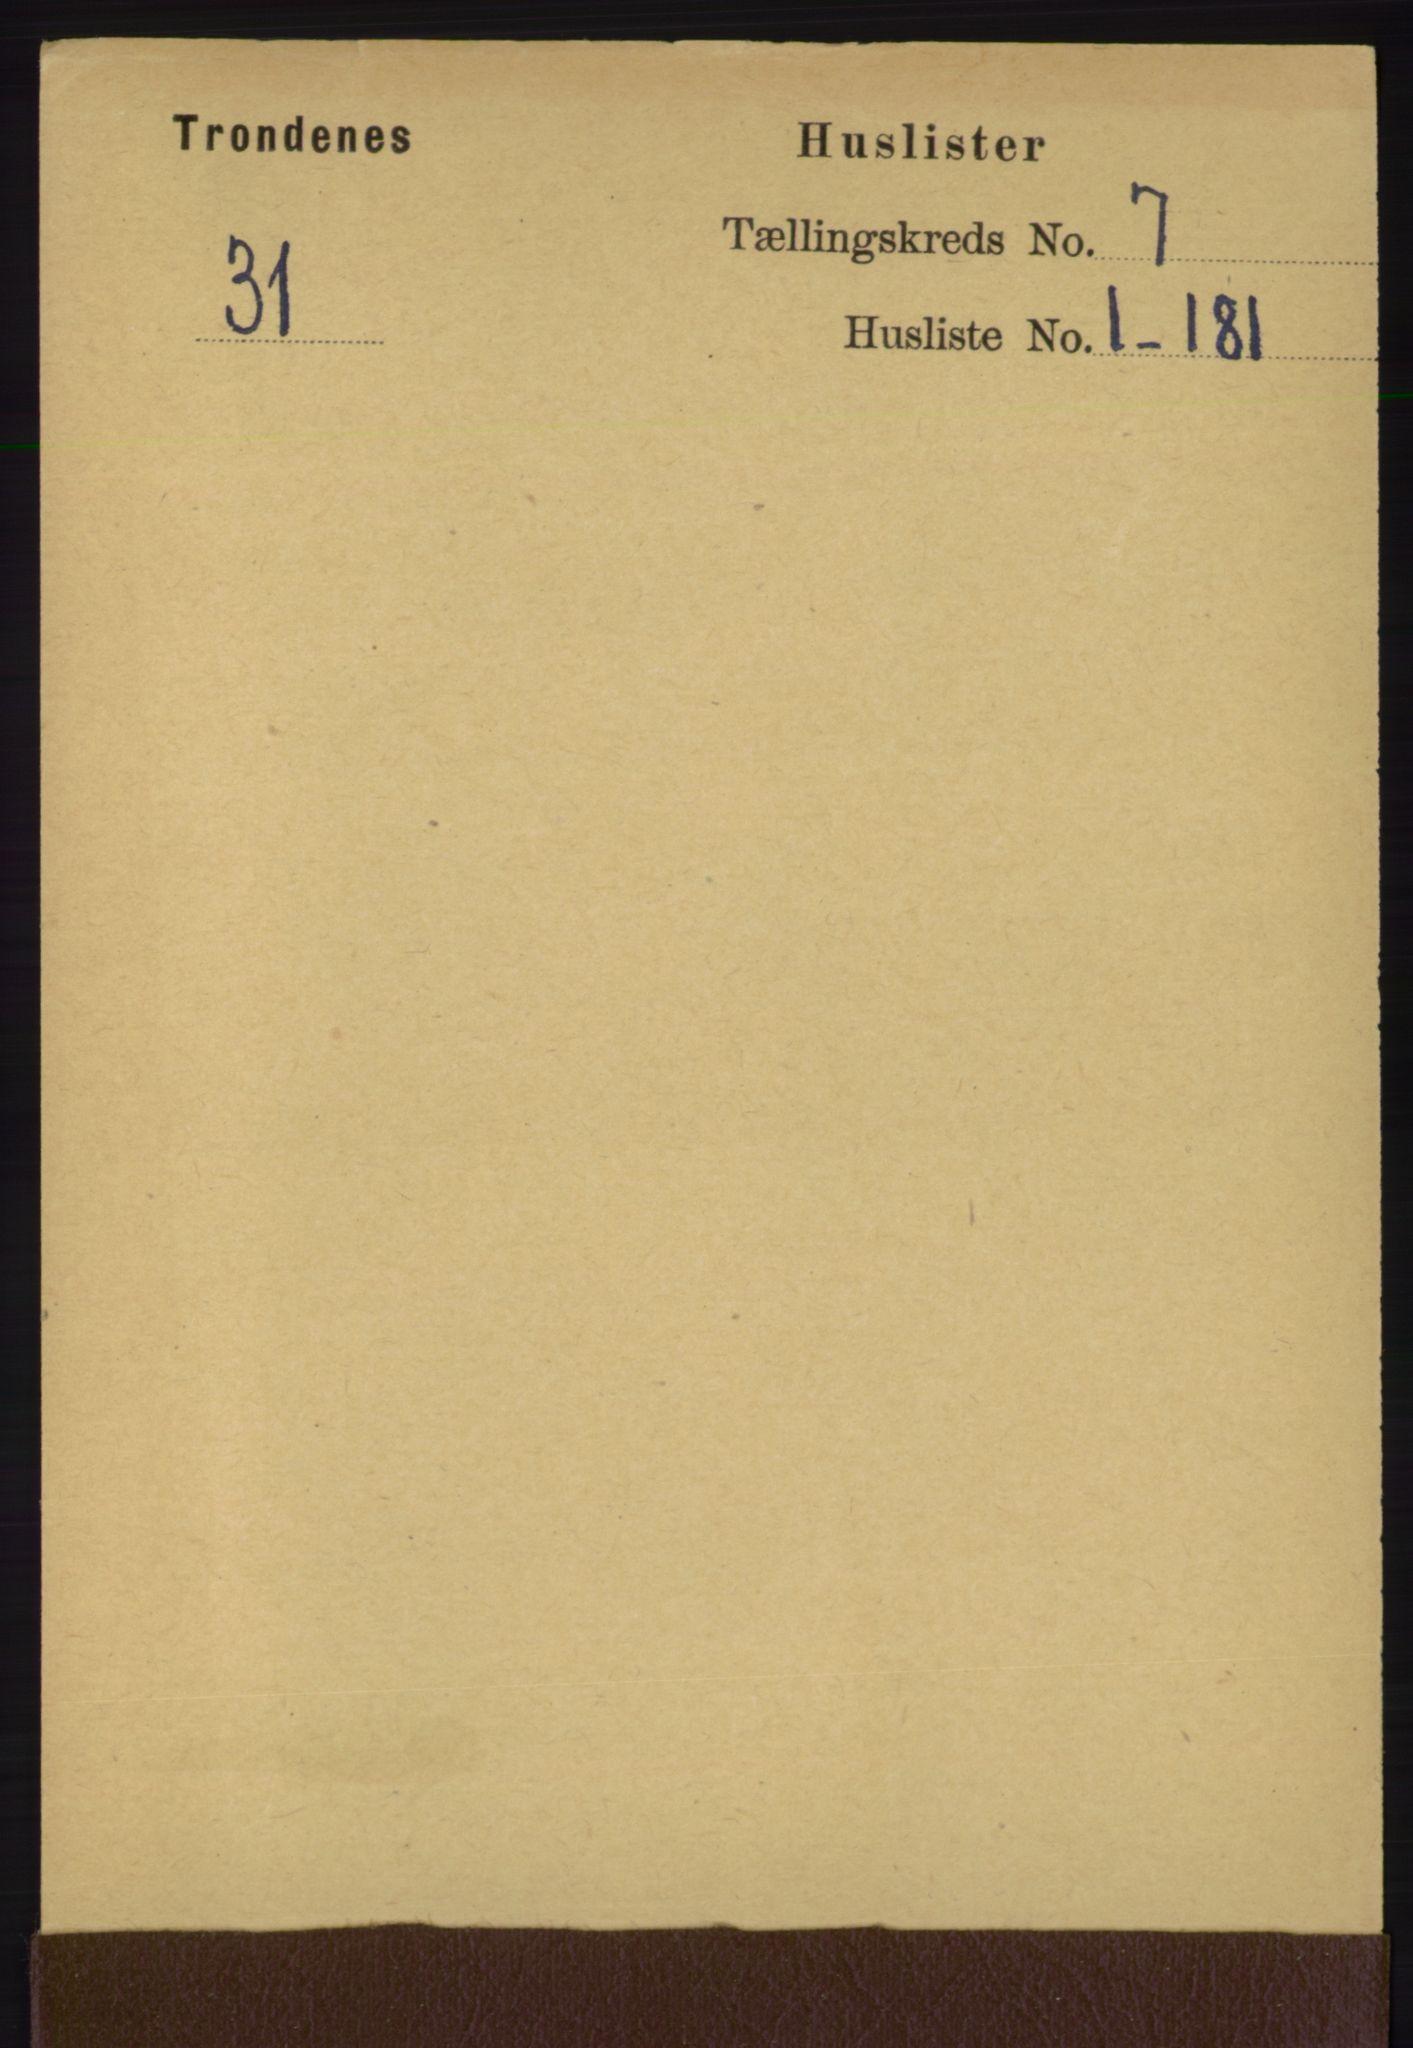 RA, Folketelling 1891 for 1914 Trondenes herred, 1891, s. 4323